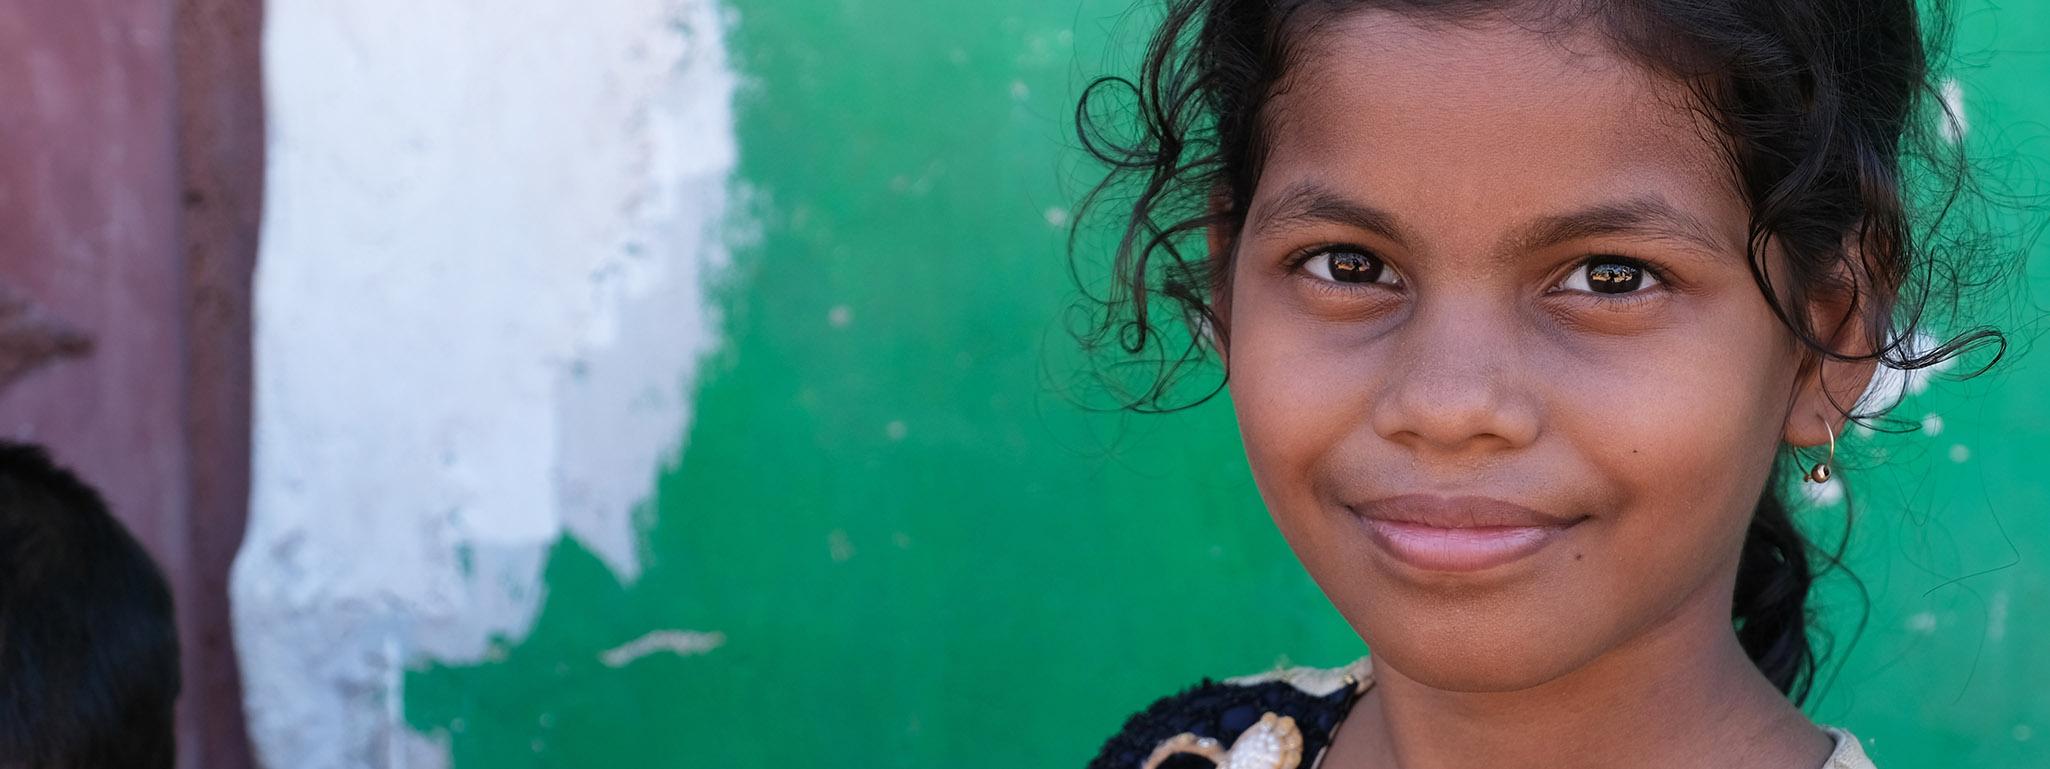 meisje Odisha 3.10.8 DSCF5358